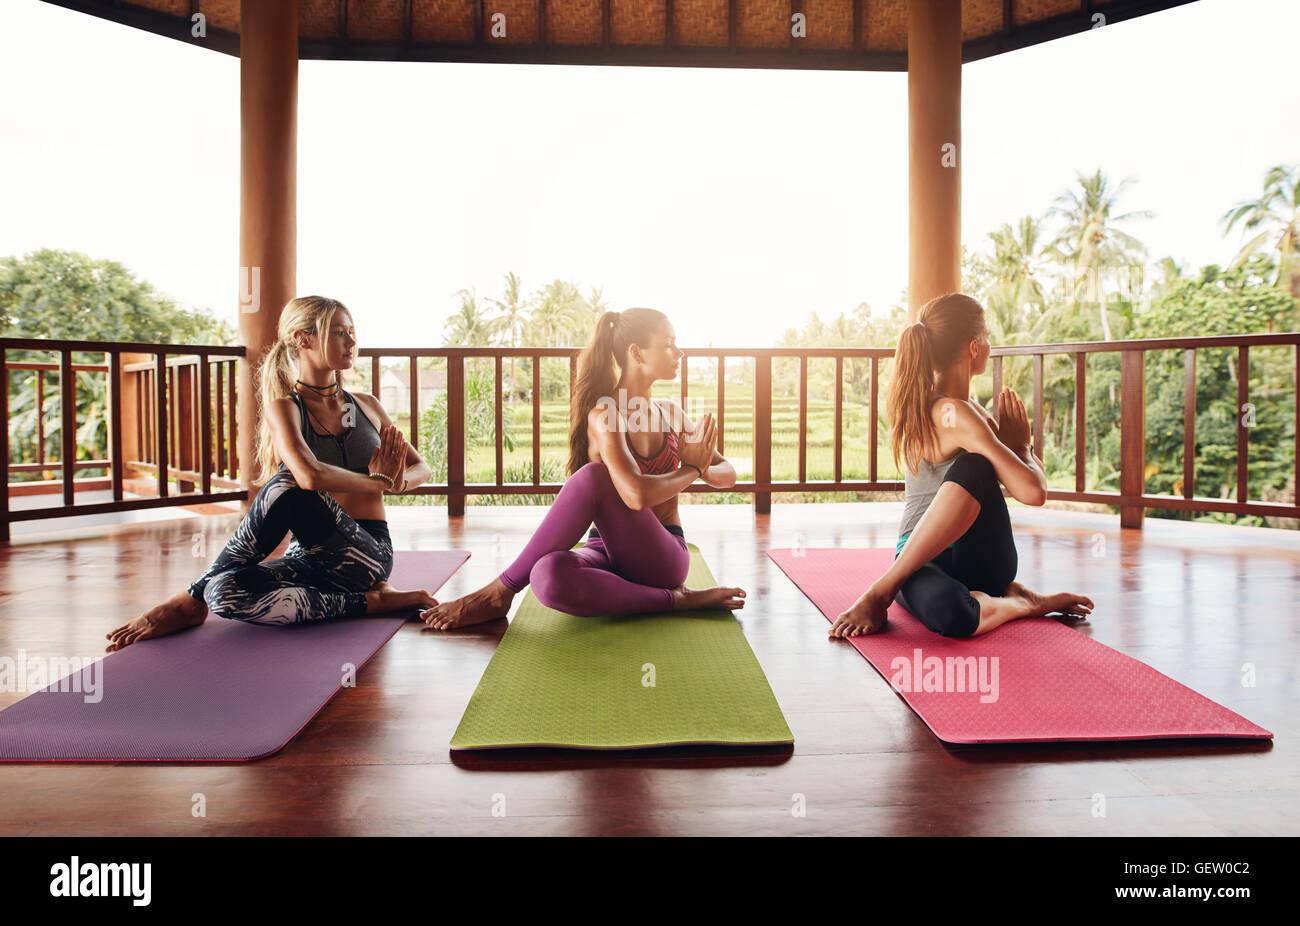 Gesunden Frauen die Hälfte spinal Twist Yoga zu praktizieren. Gruppe von Weibchen beim Yoga im Yoga-Kurs. Ardha Stockbild